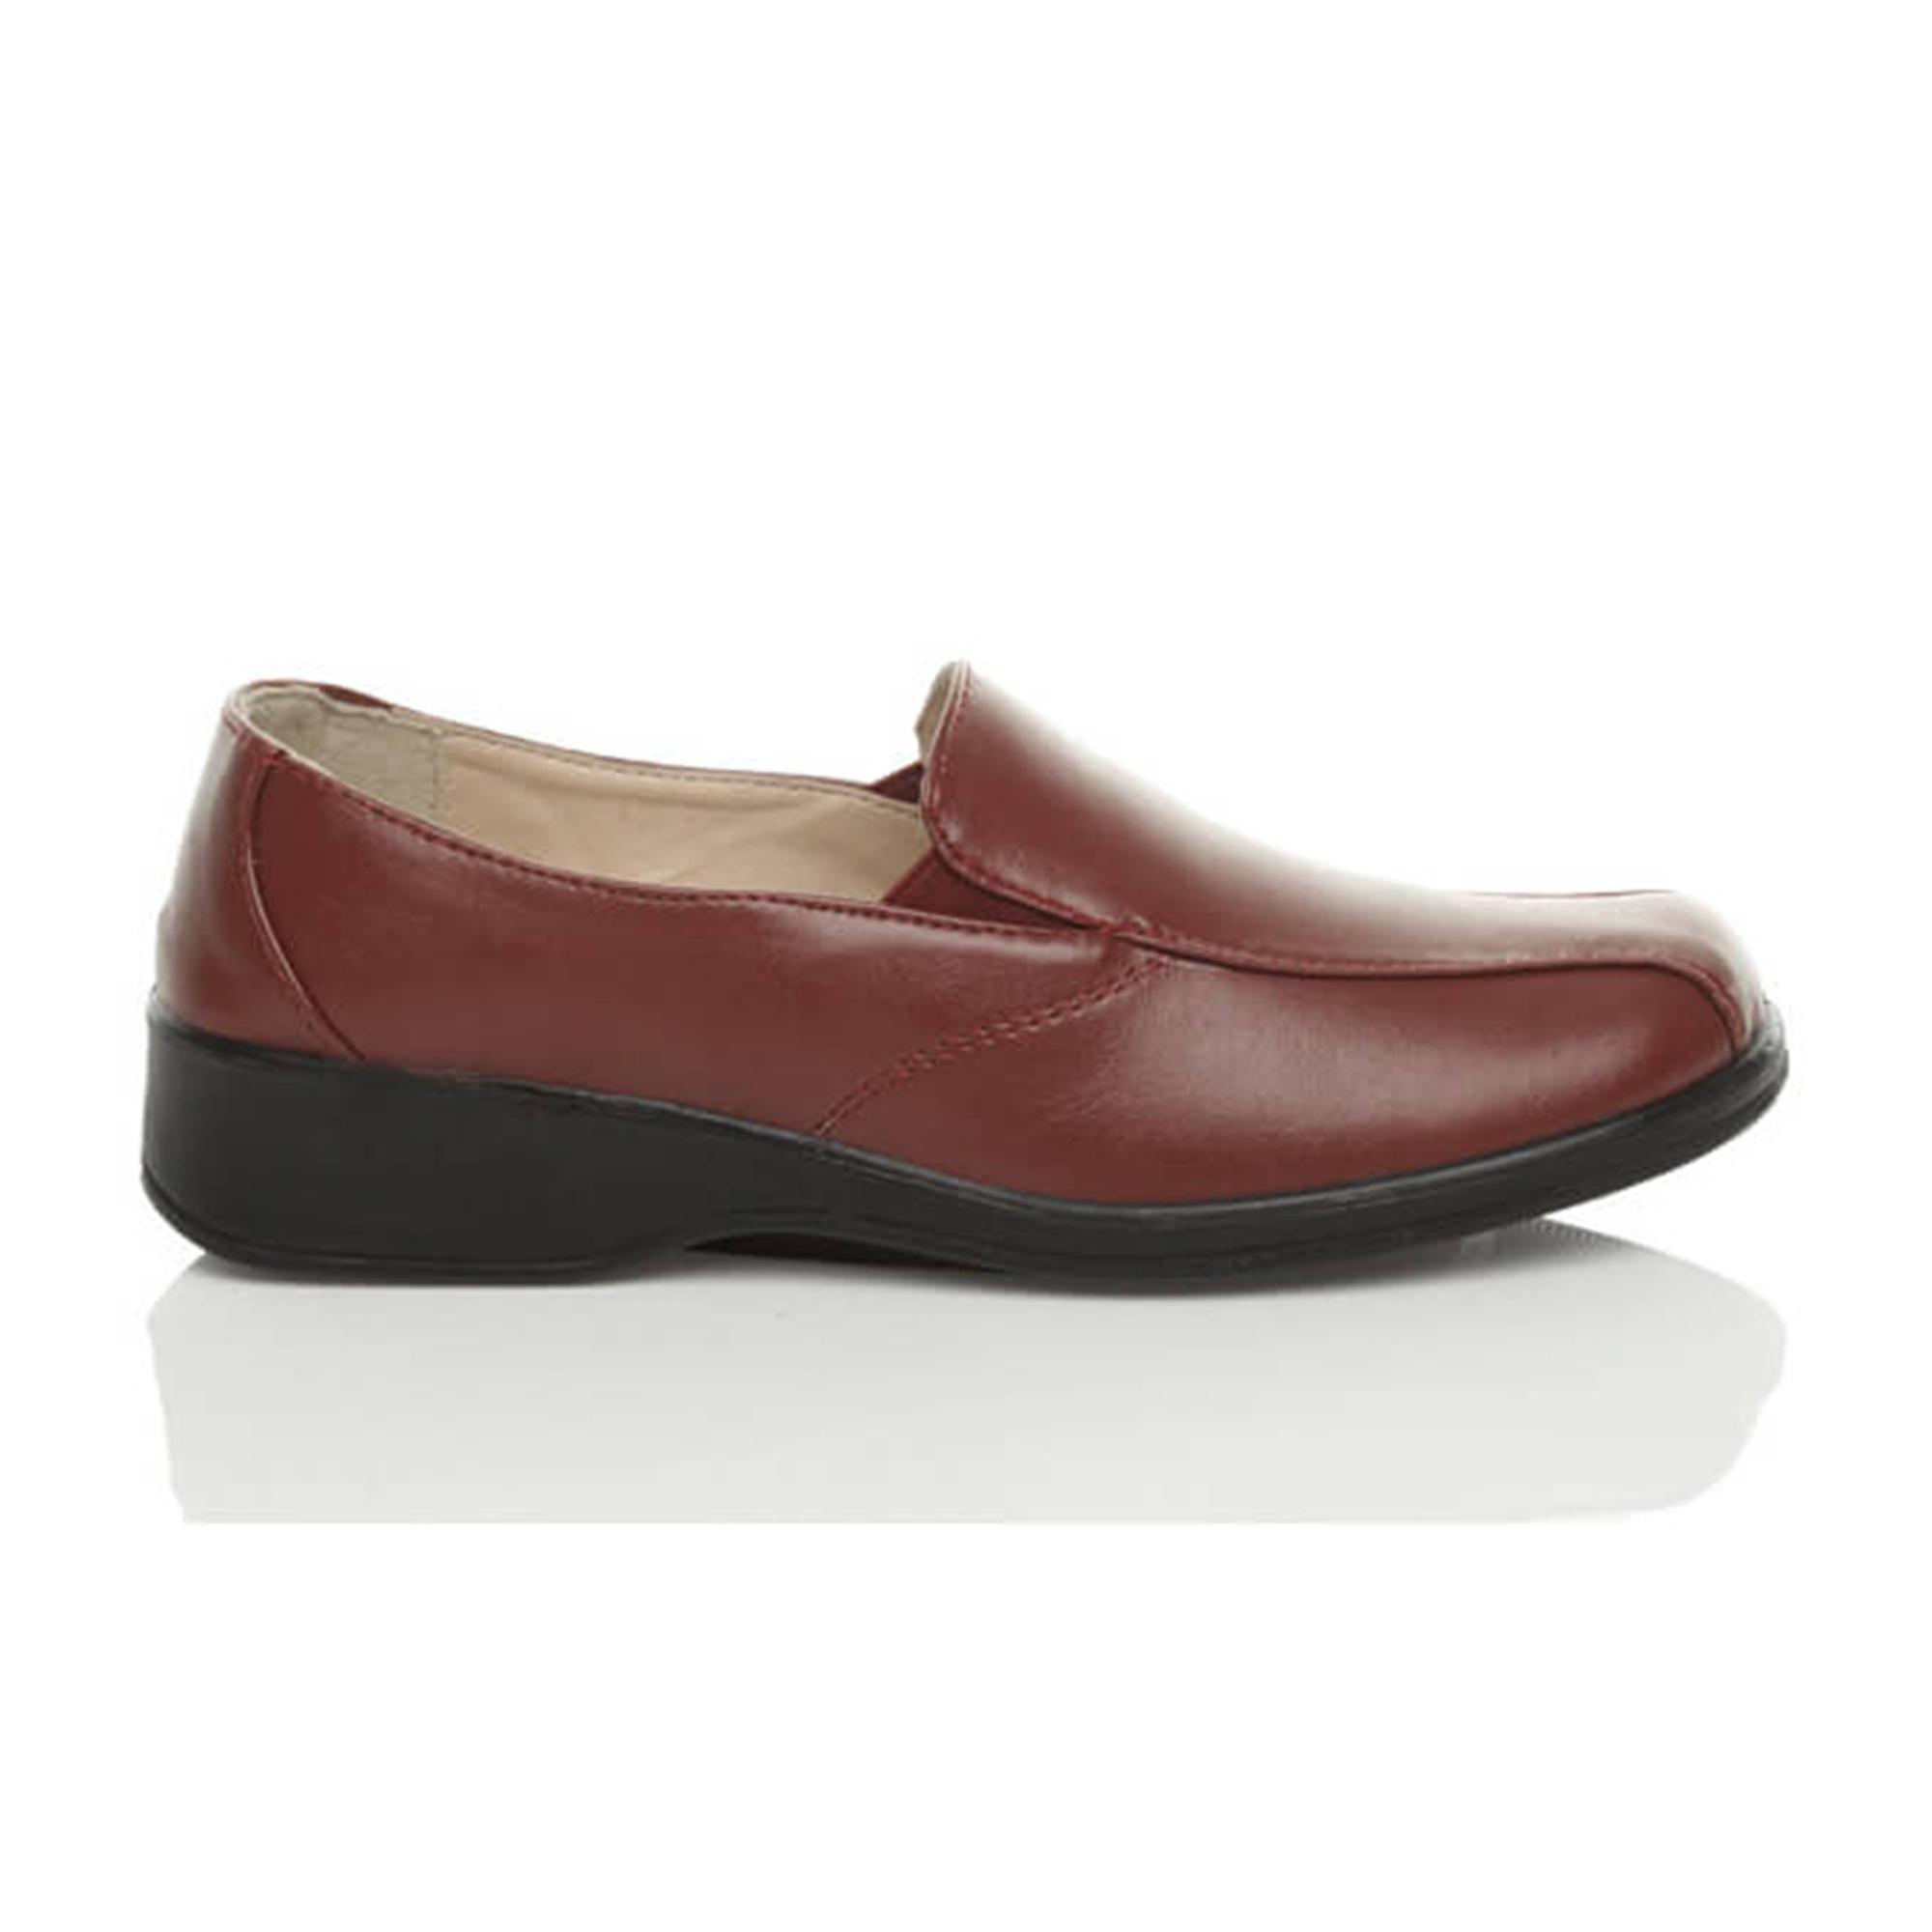 Ajvani womens comfort flexibla enda låg klack kil slip på arbetet sjuksköterska loafers promenadskor